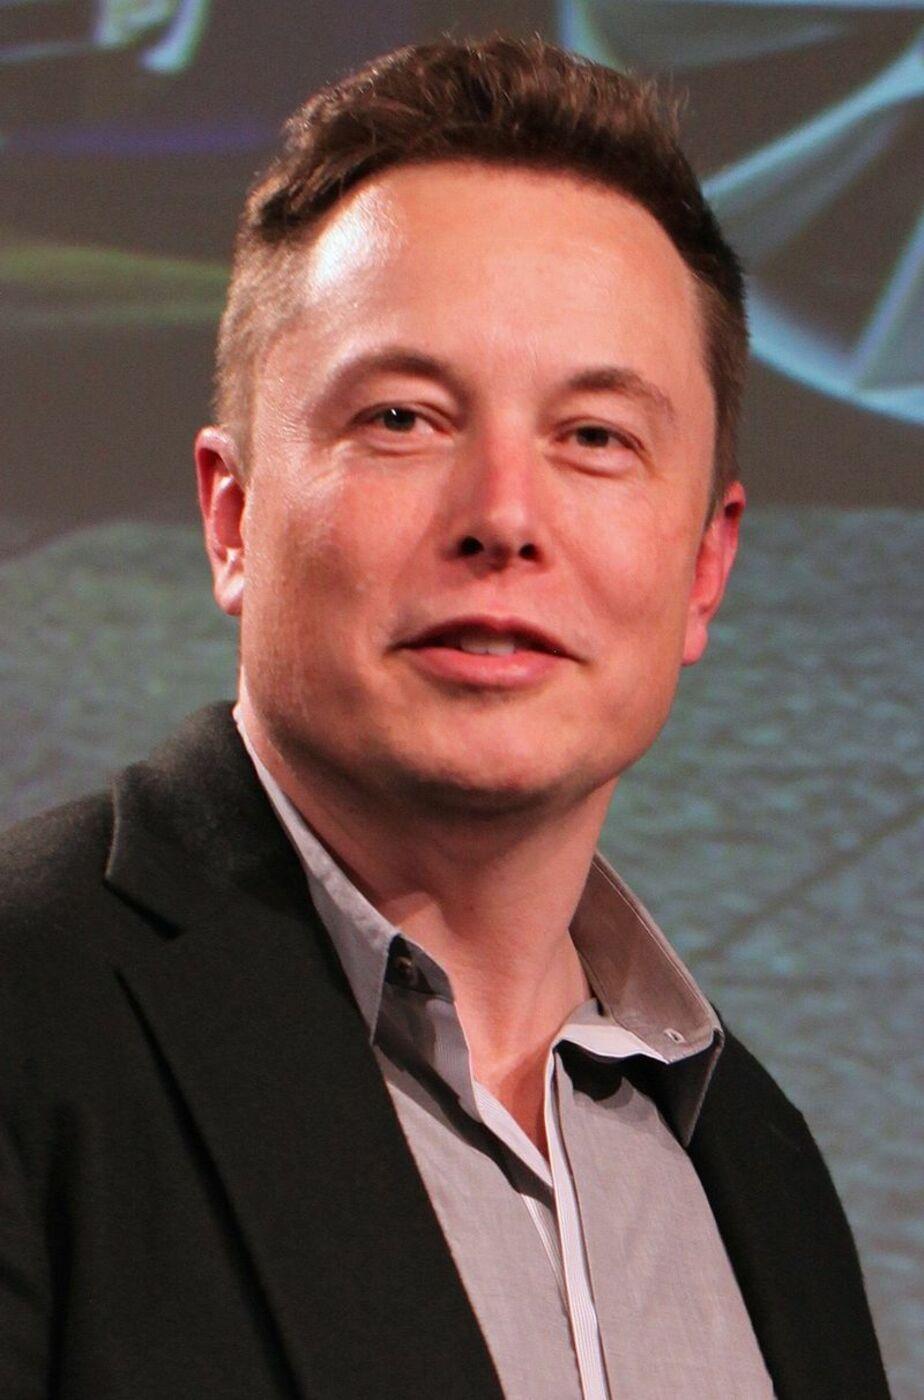 Илон Маск предложил сбросить на Марс термоядерные бомбы - Новости Калининграда